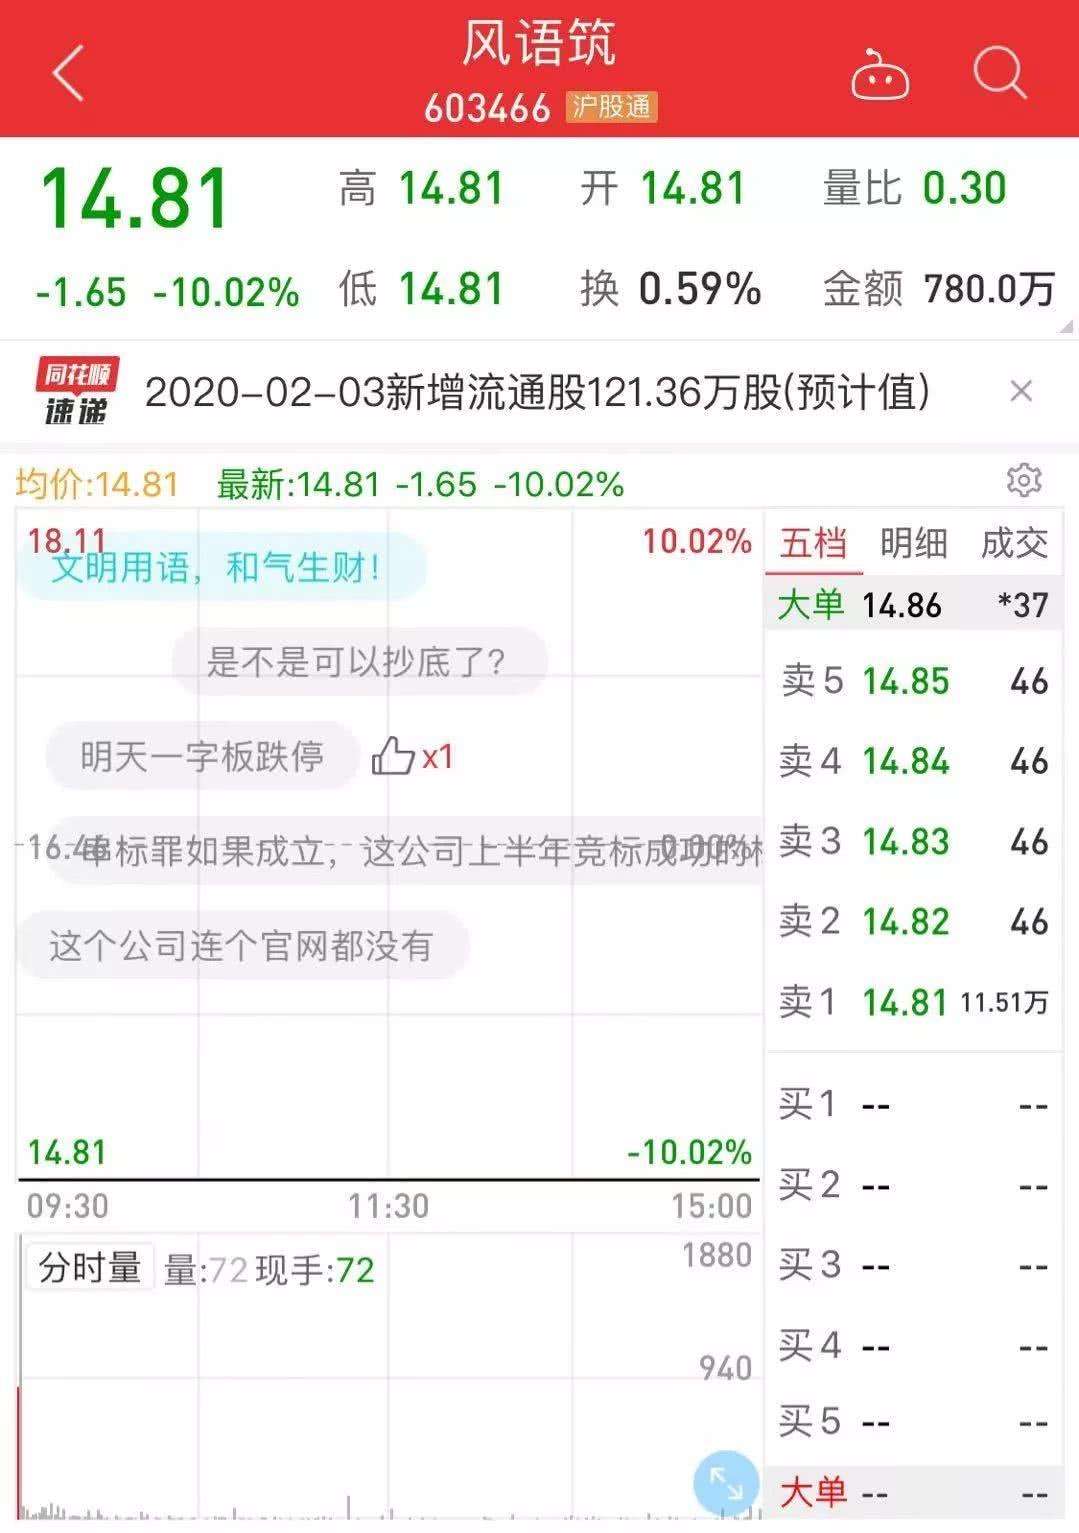 「0_10_宝马线上娱乐中心」奥雷德聘任薛霄为财务负责人 不持有公司股份